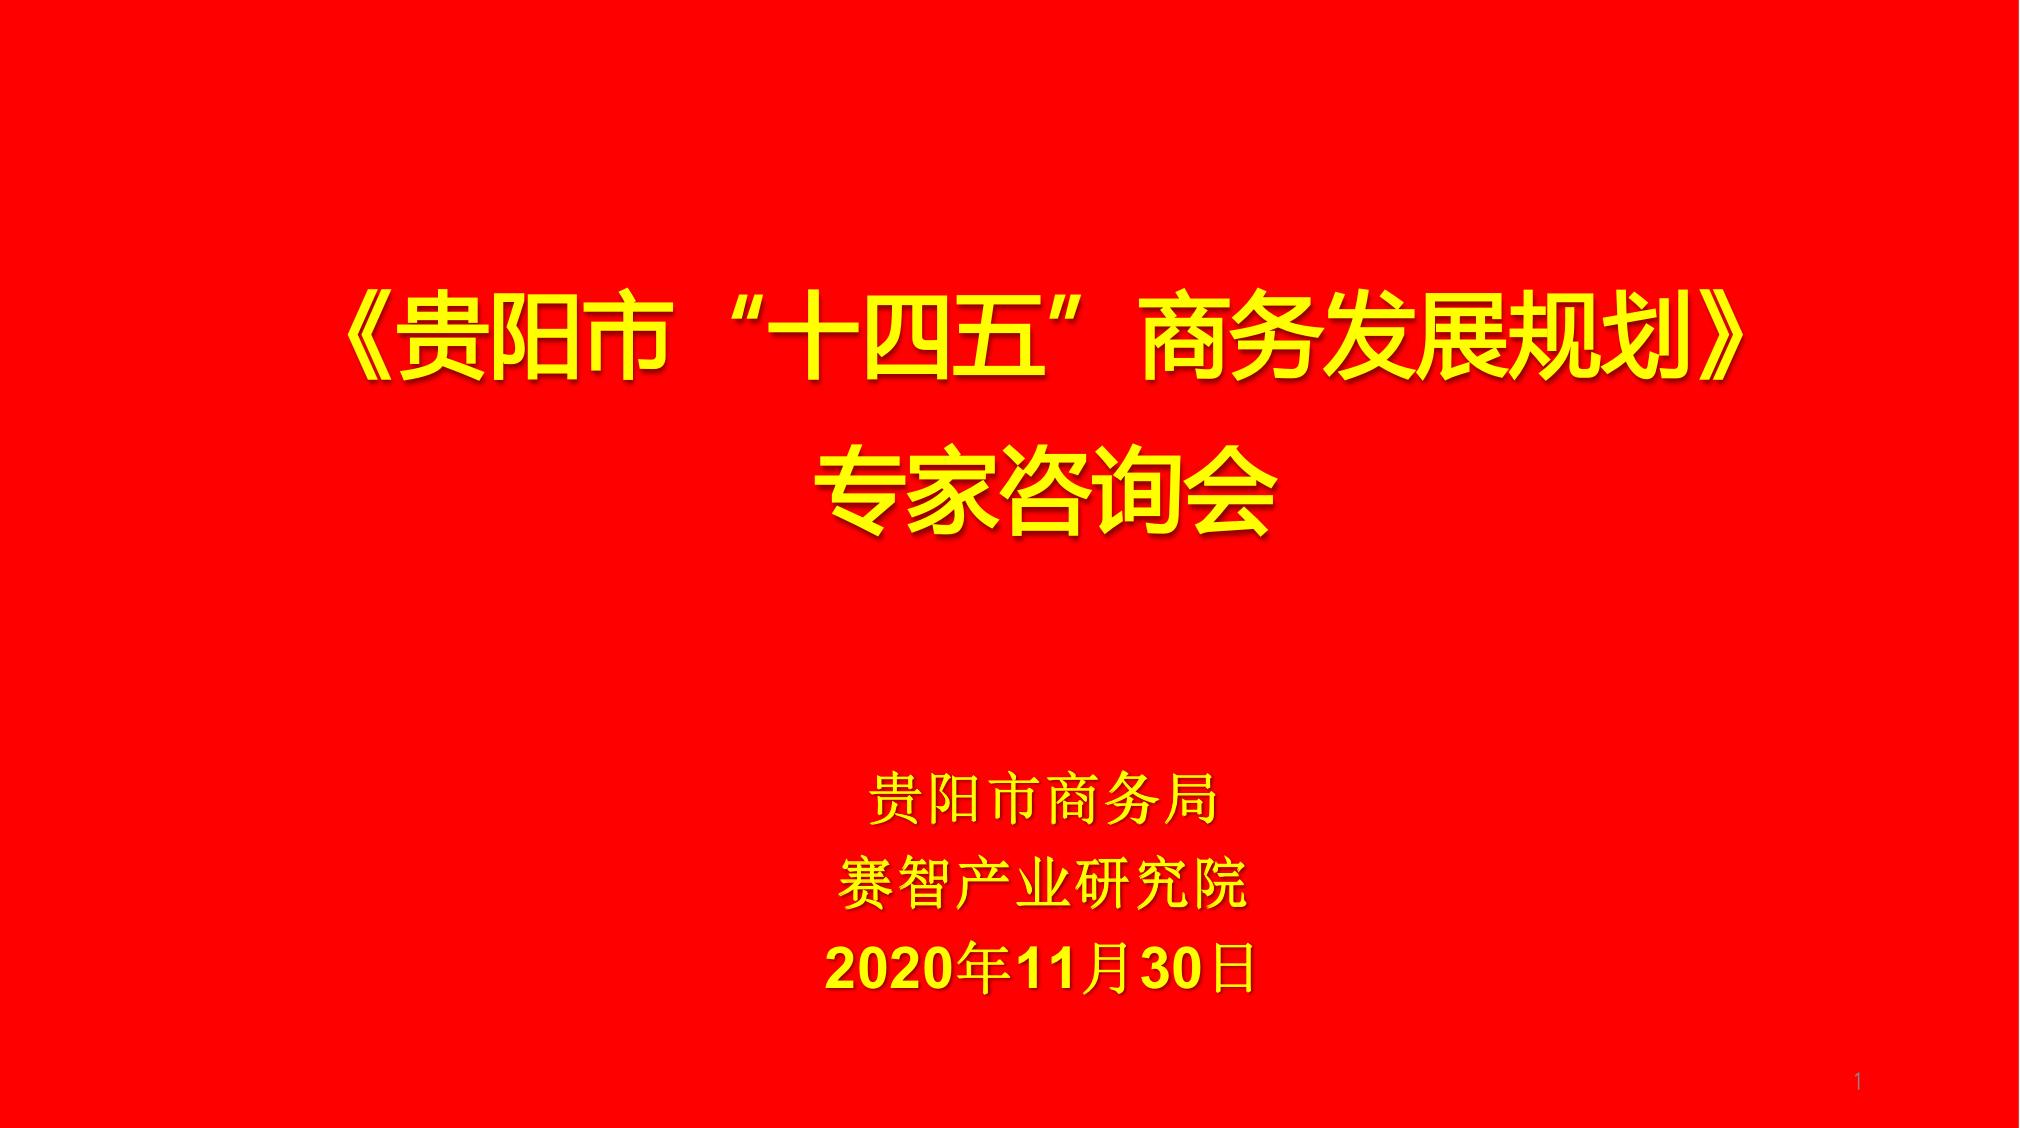 """《贵阳市""""十四五""""商务发展规划》专家咨询会在北京举行"""